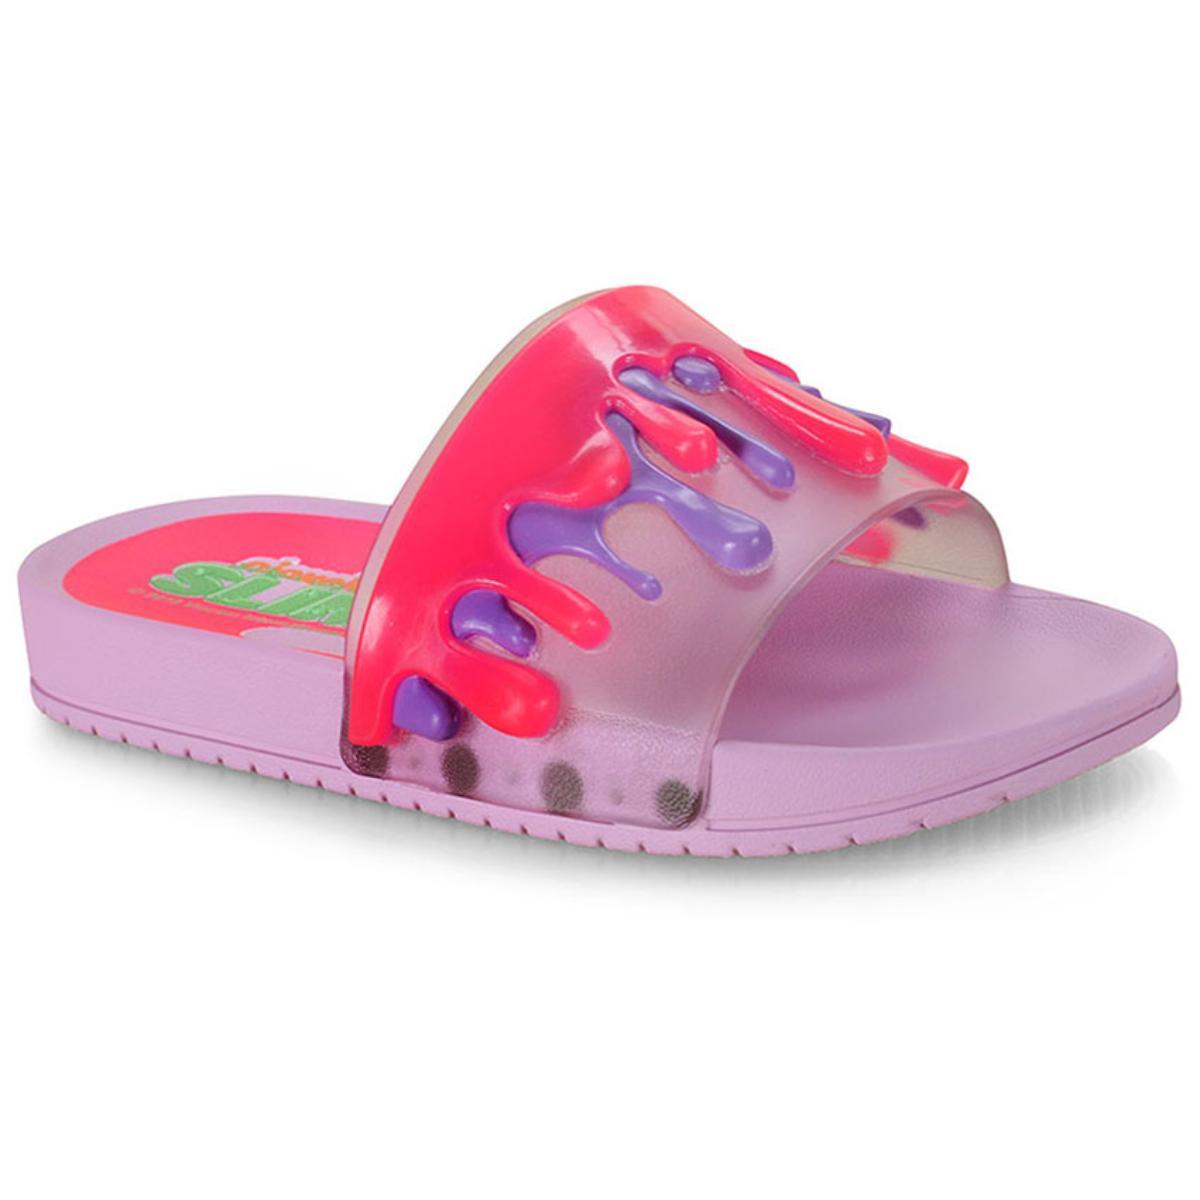 Chinelo Fem Infantil Grendene 22153 24250 Slime Nickelodeon Slide Lilas/rosa